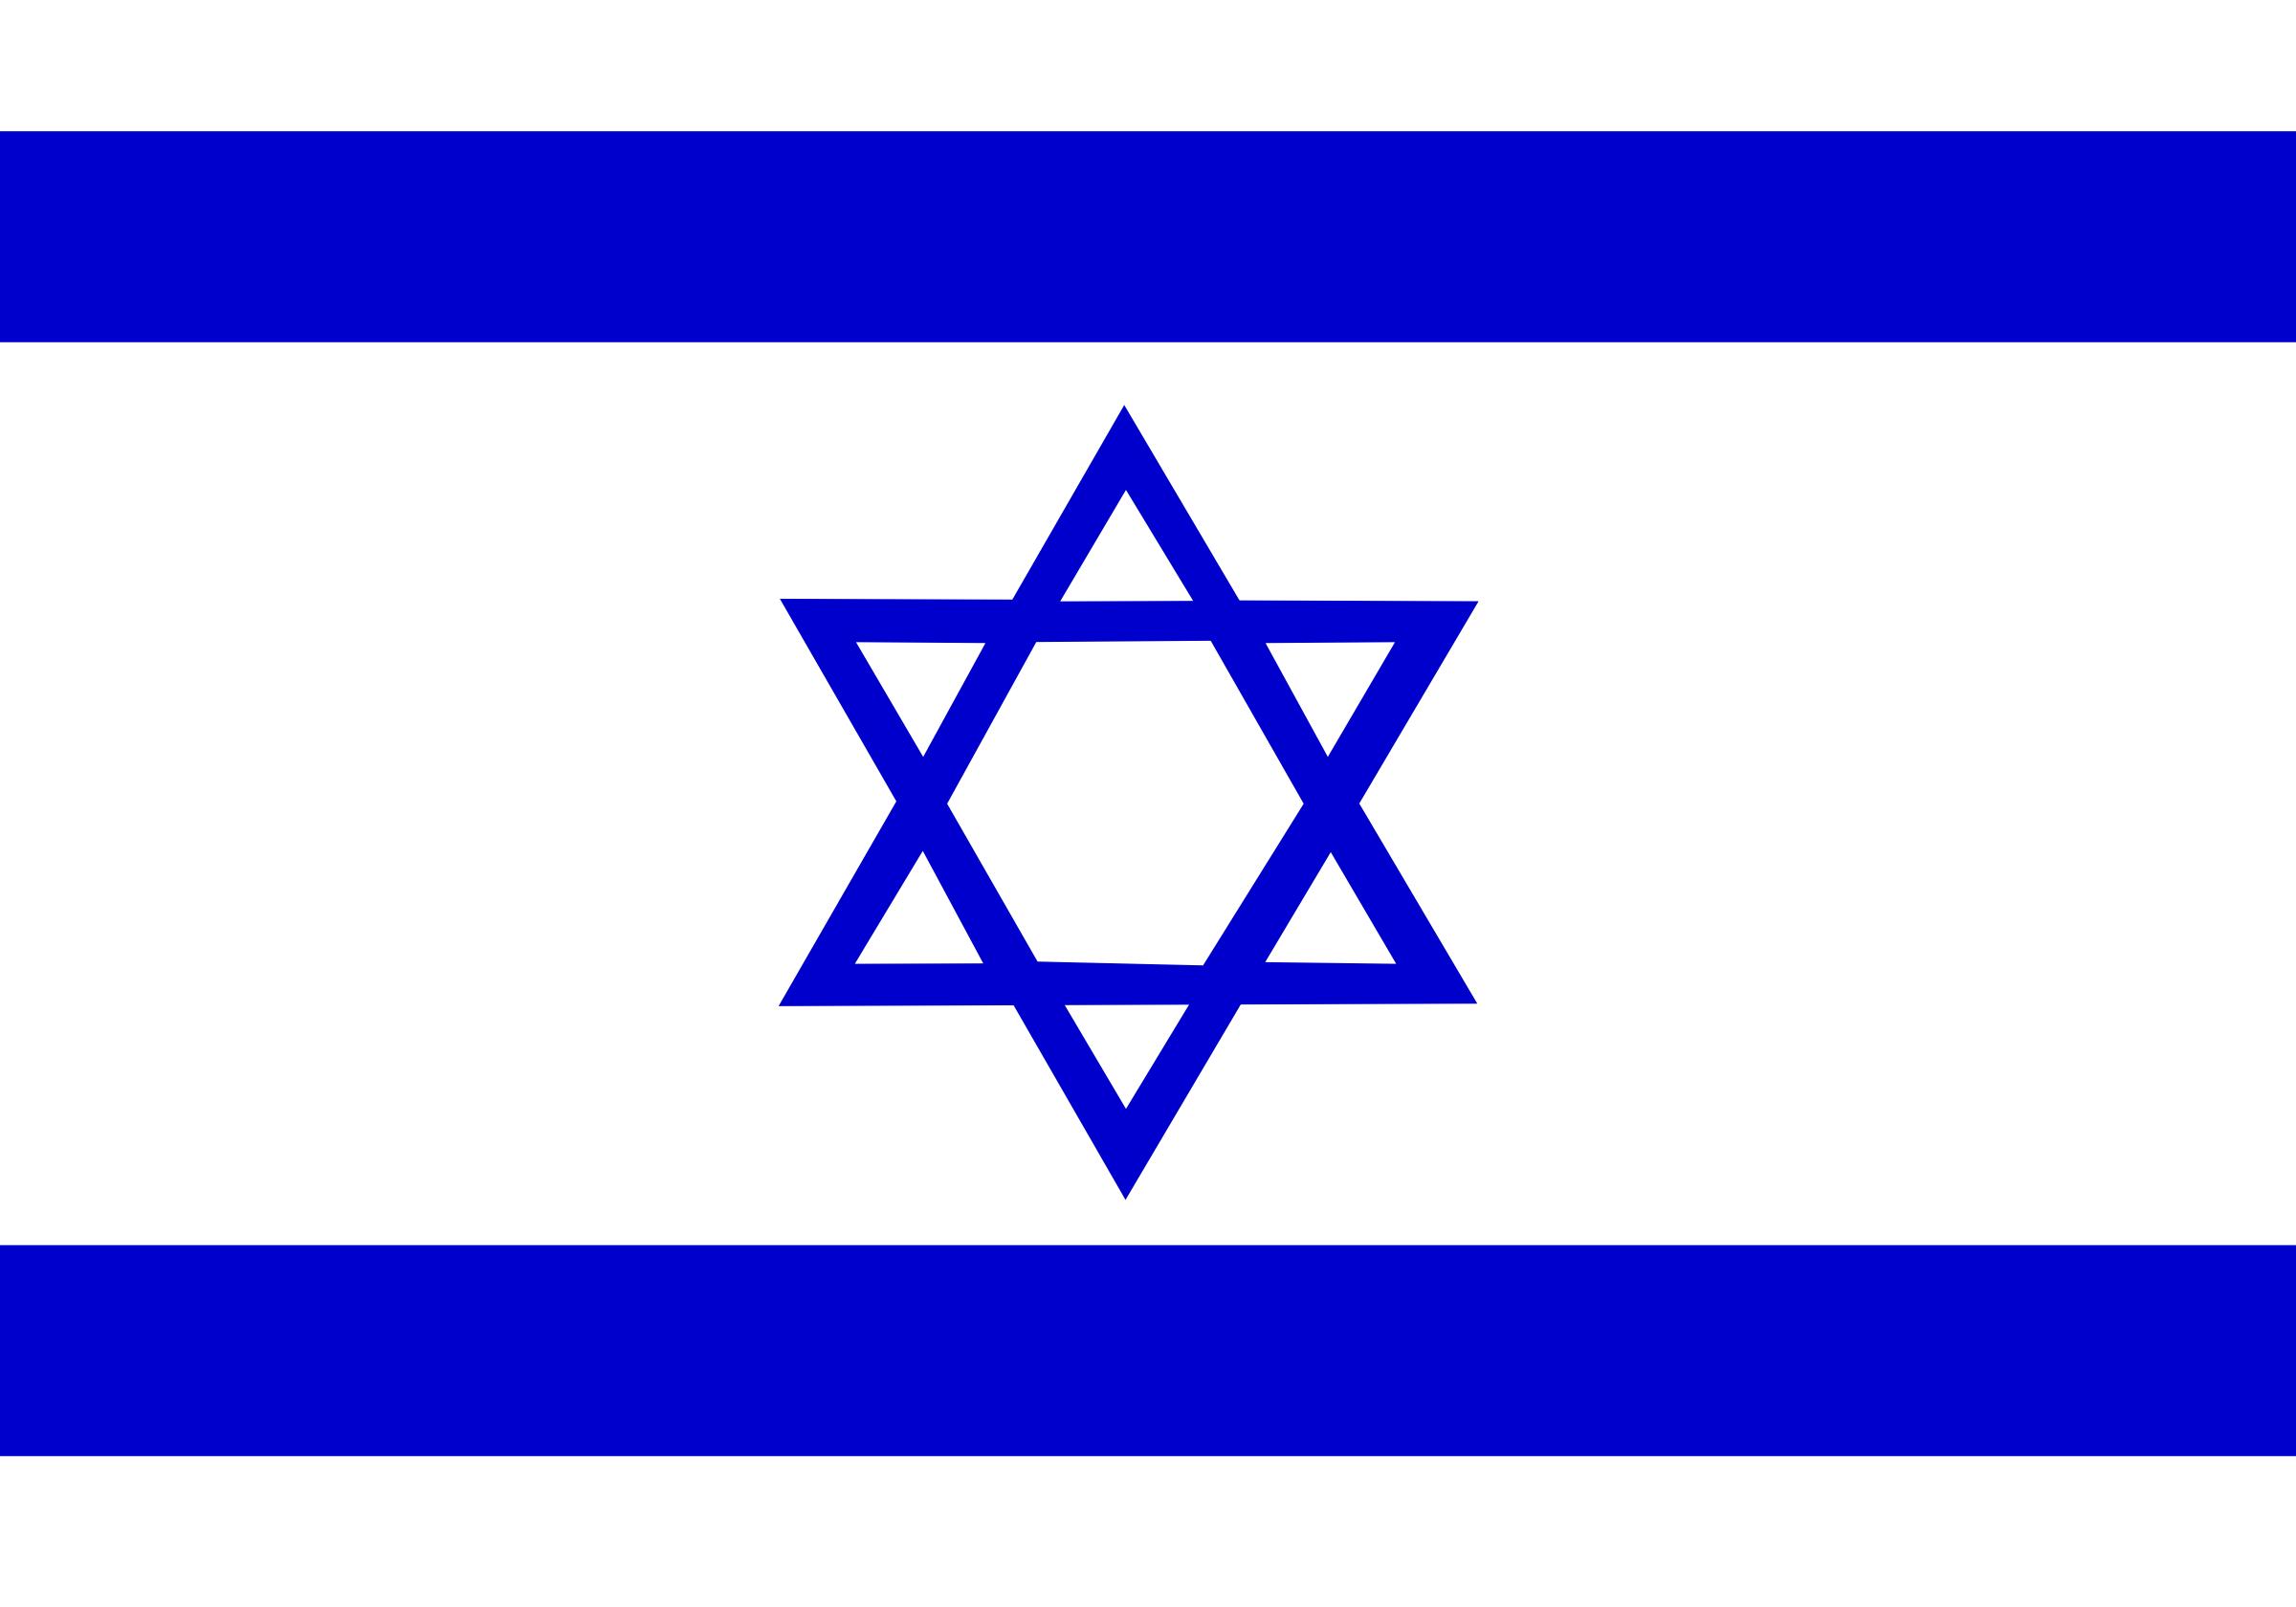 Israel Flag Png image #38247